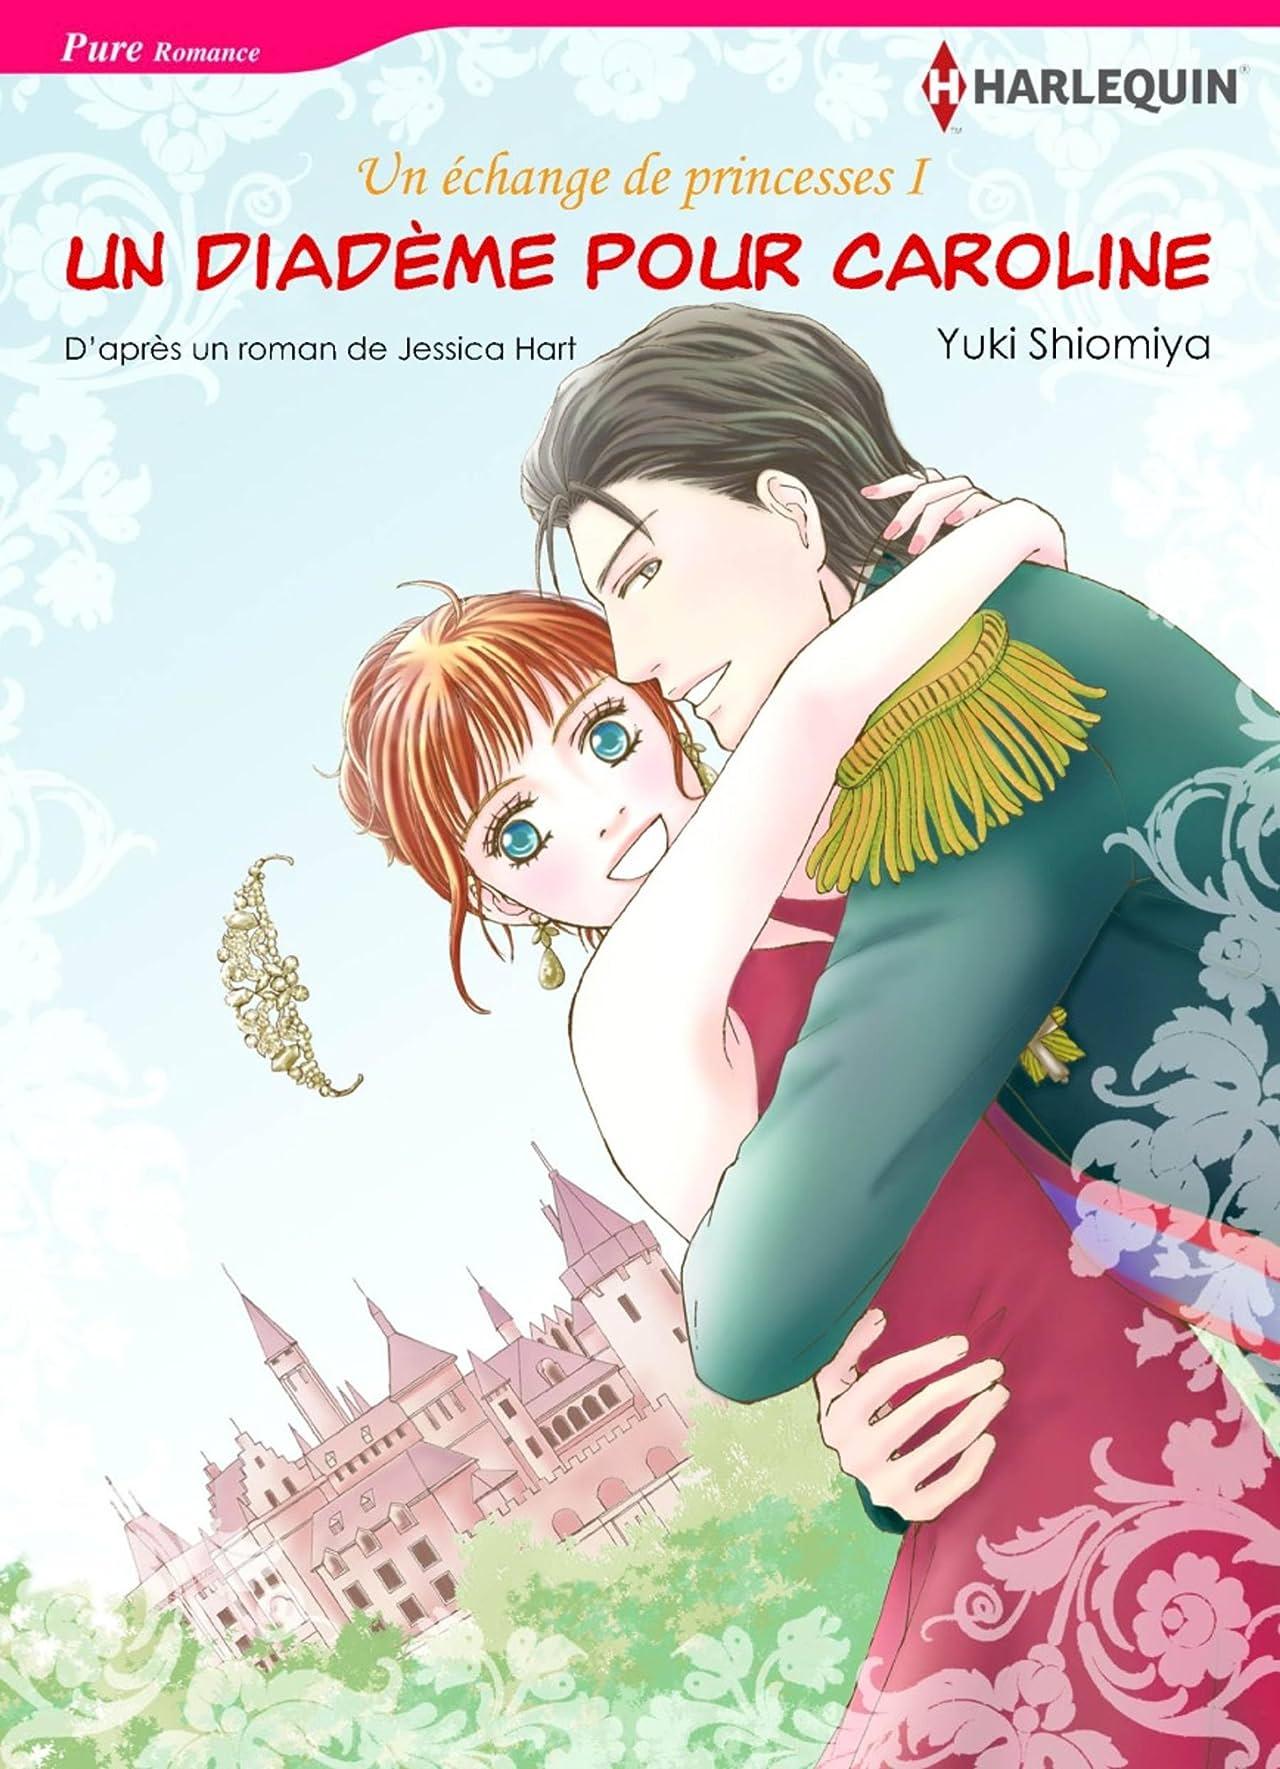 Un diadème pour Caroline Vol. 1: The Princess Swap